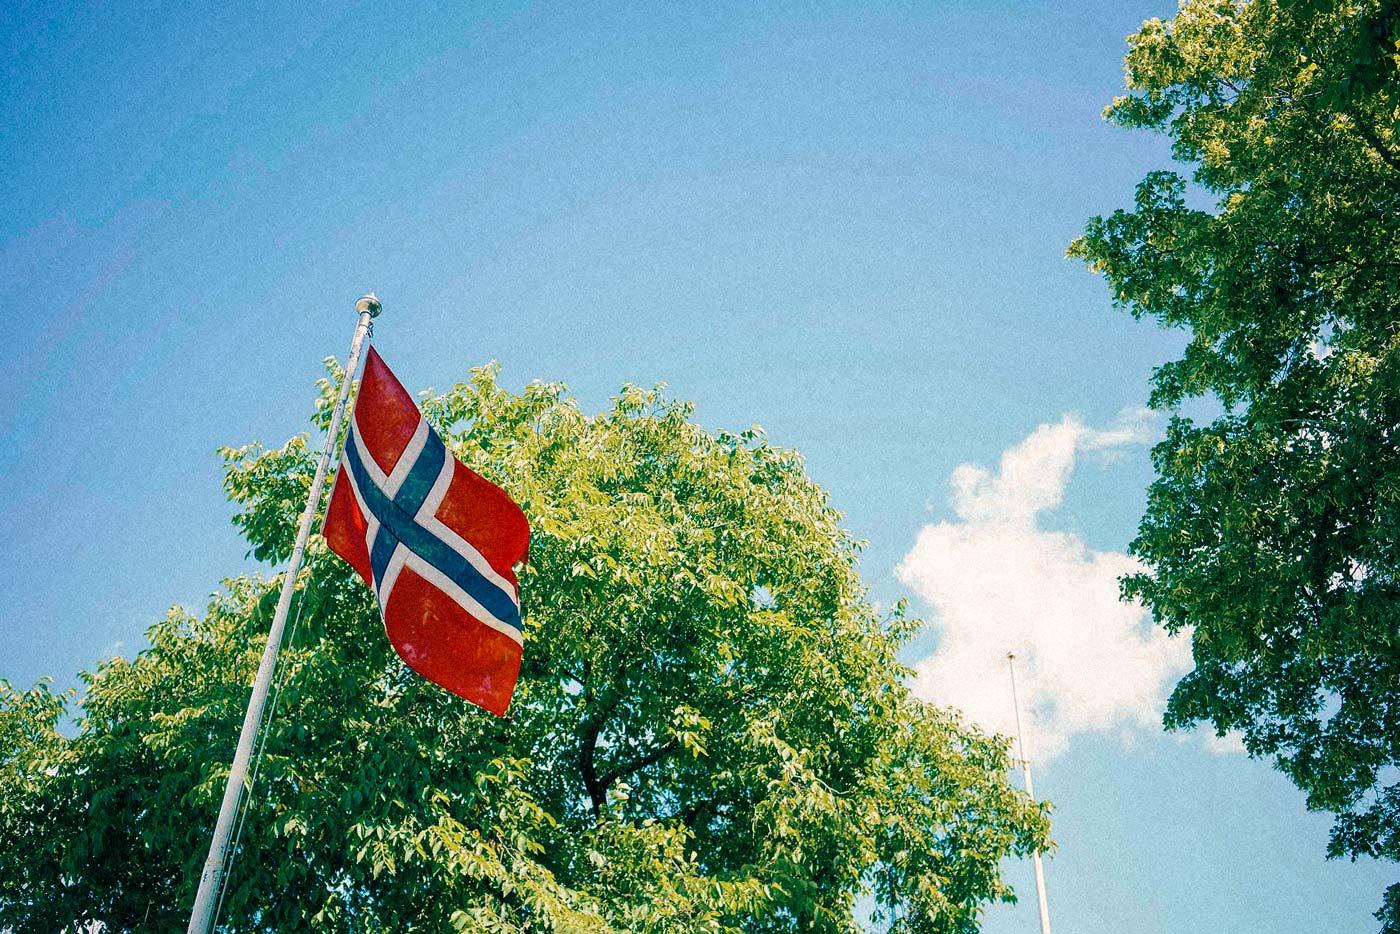 bunad bryllup fra Nesodden, norske flagget i vinden